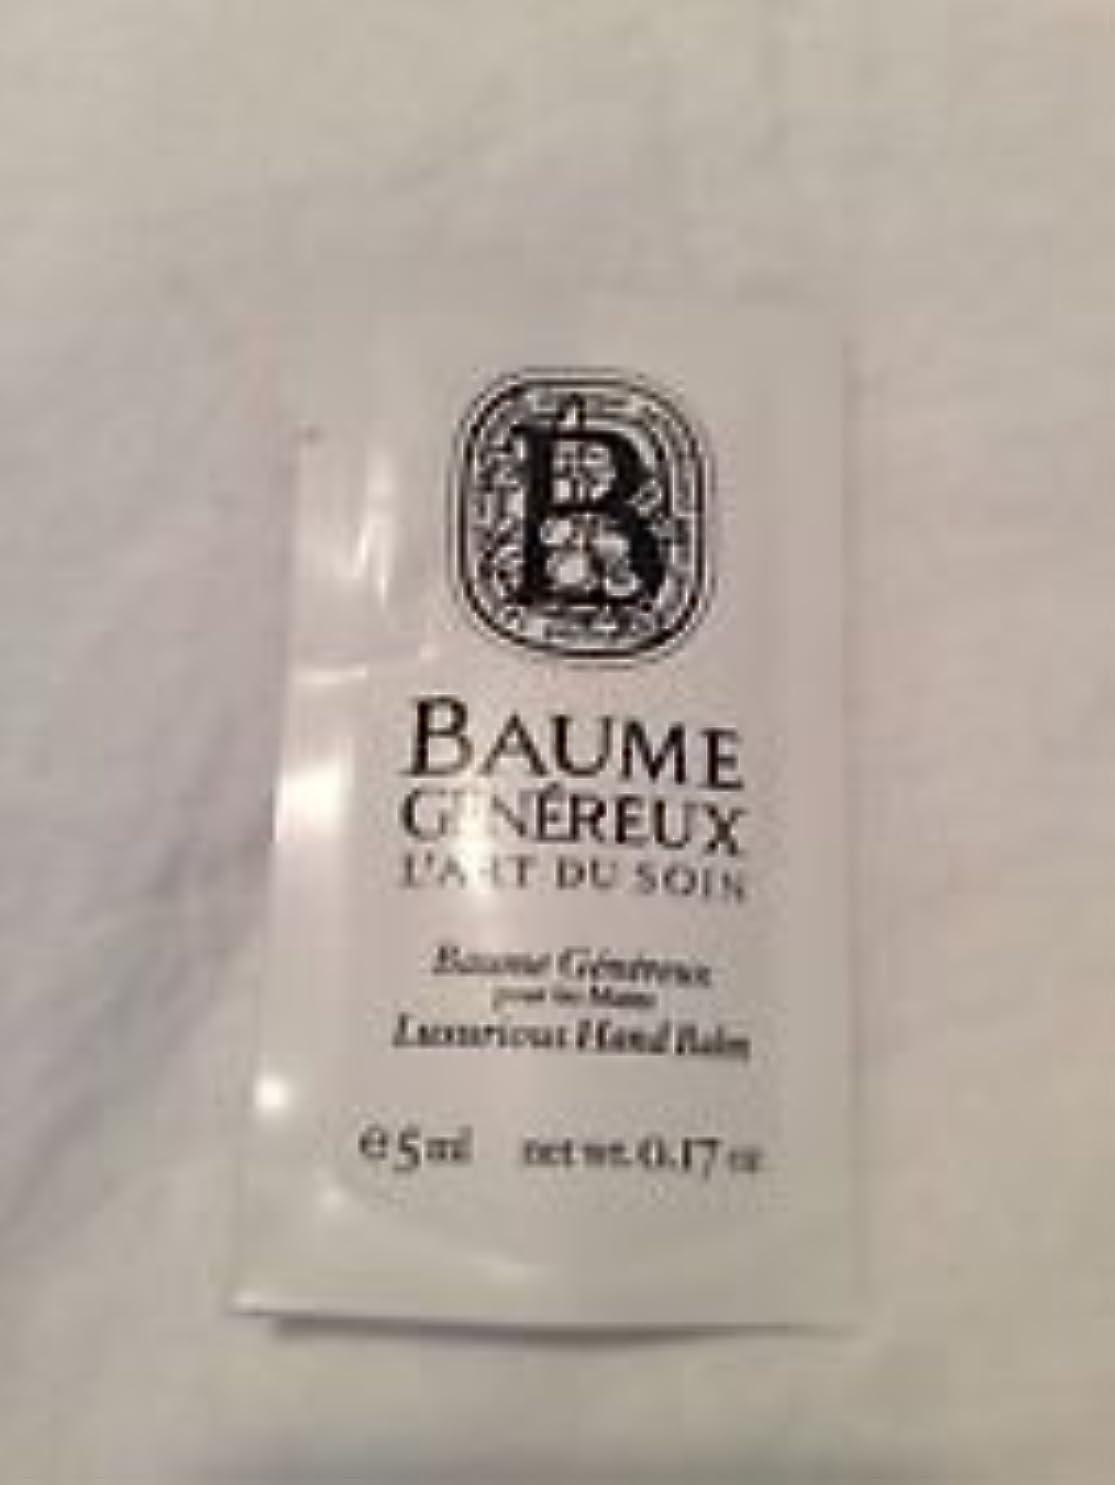 ニックネーム二年生影のあるDiptyque Baume Genereux (ディプティック ボーム ジェネリュク) 0.17 oz (5ml) ハンドバルム サンプル for Women